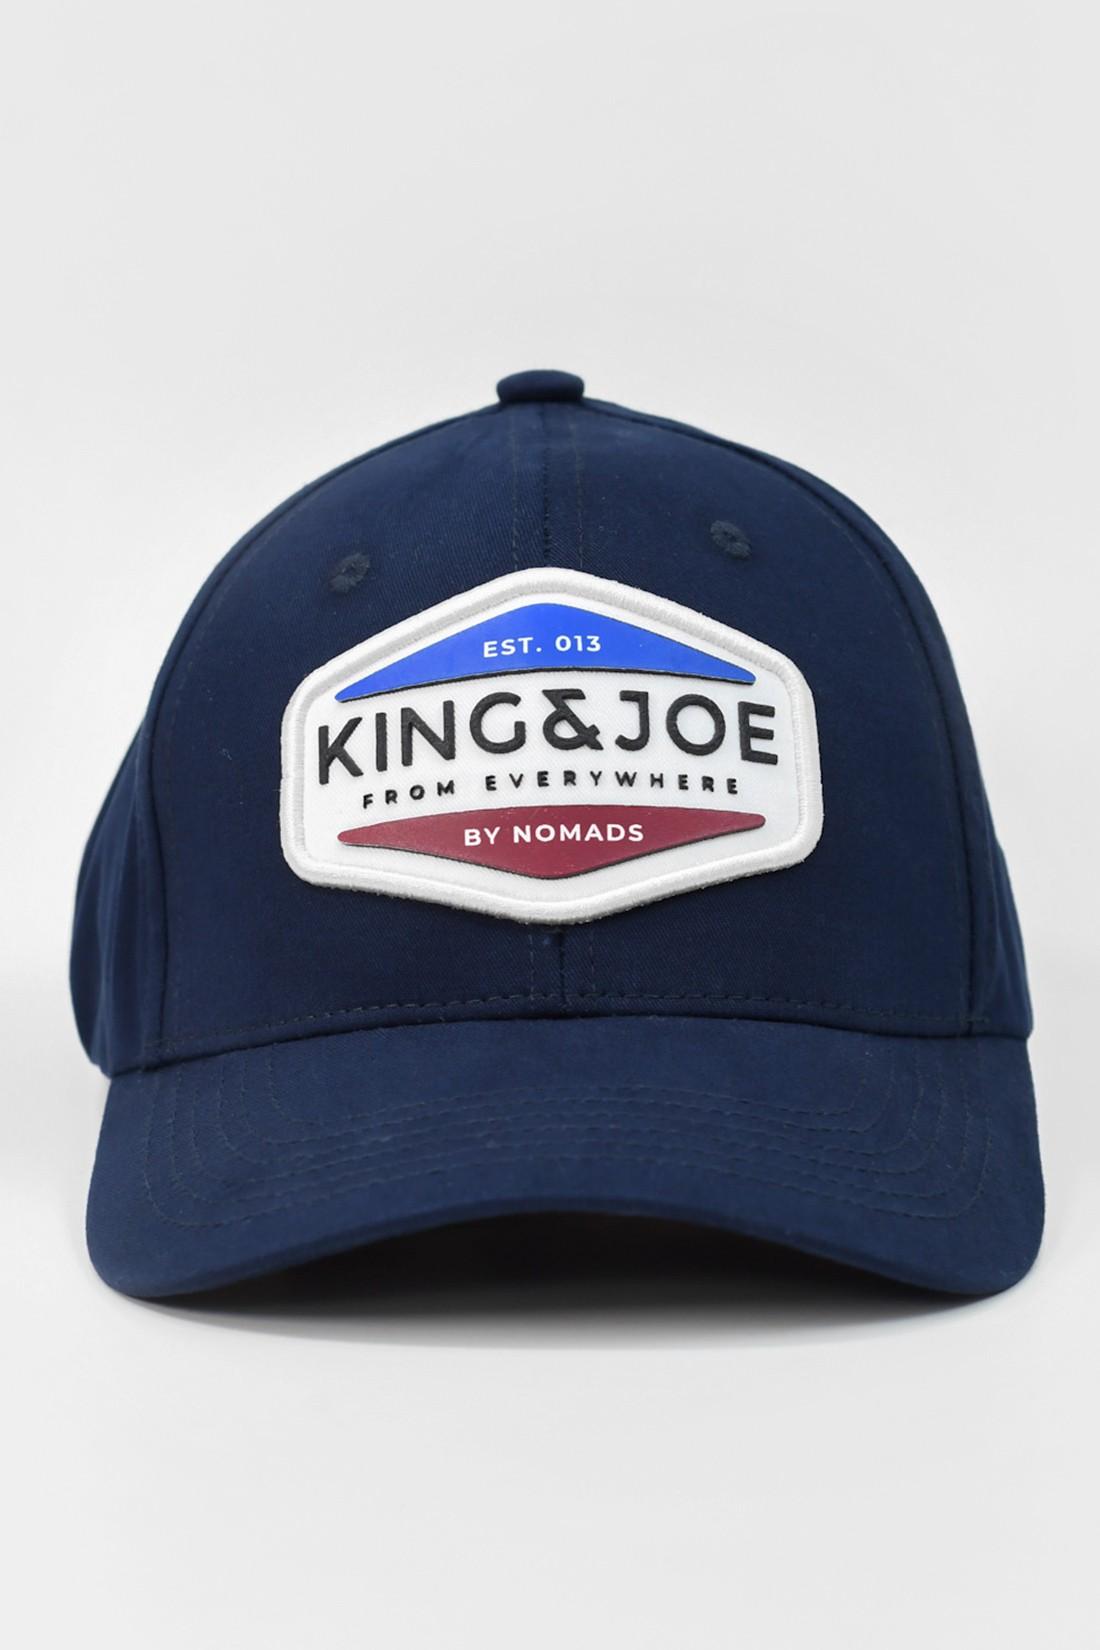 Bone King&Joe From Everywhere